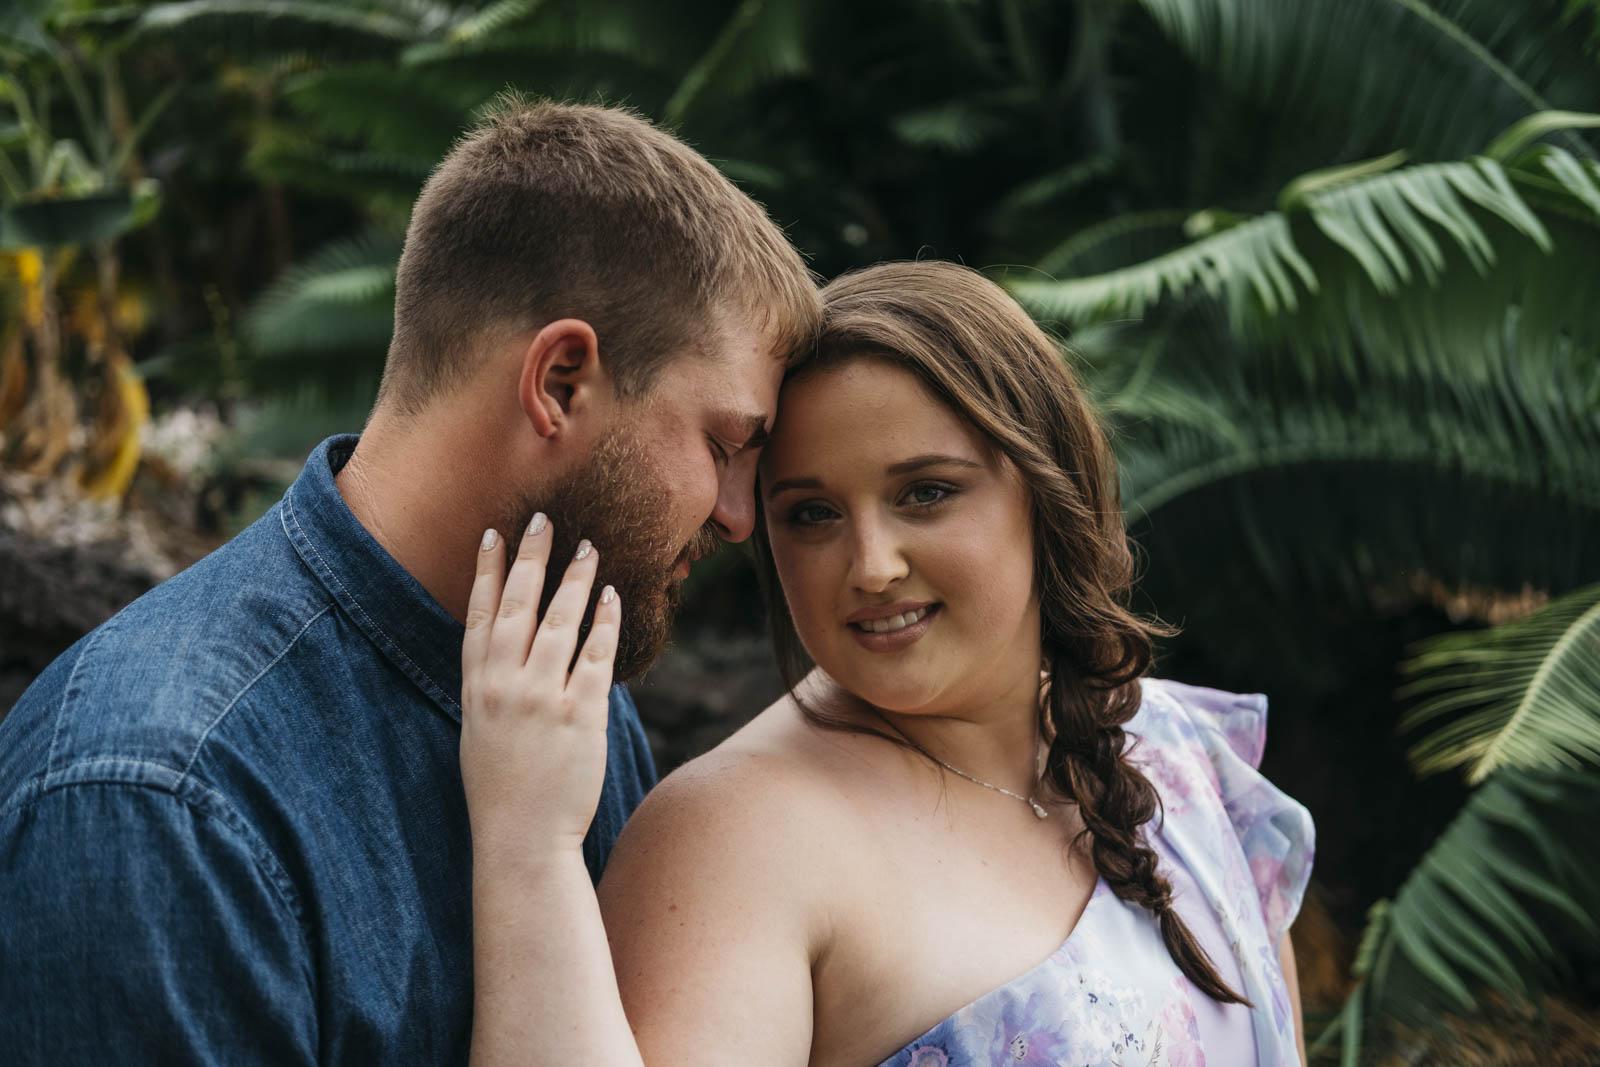 Destination wedding in Hawaii for Hawaiian wedding.